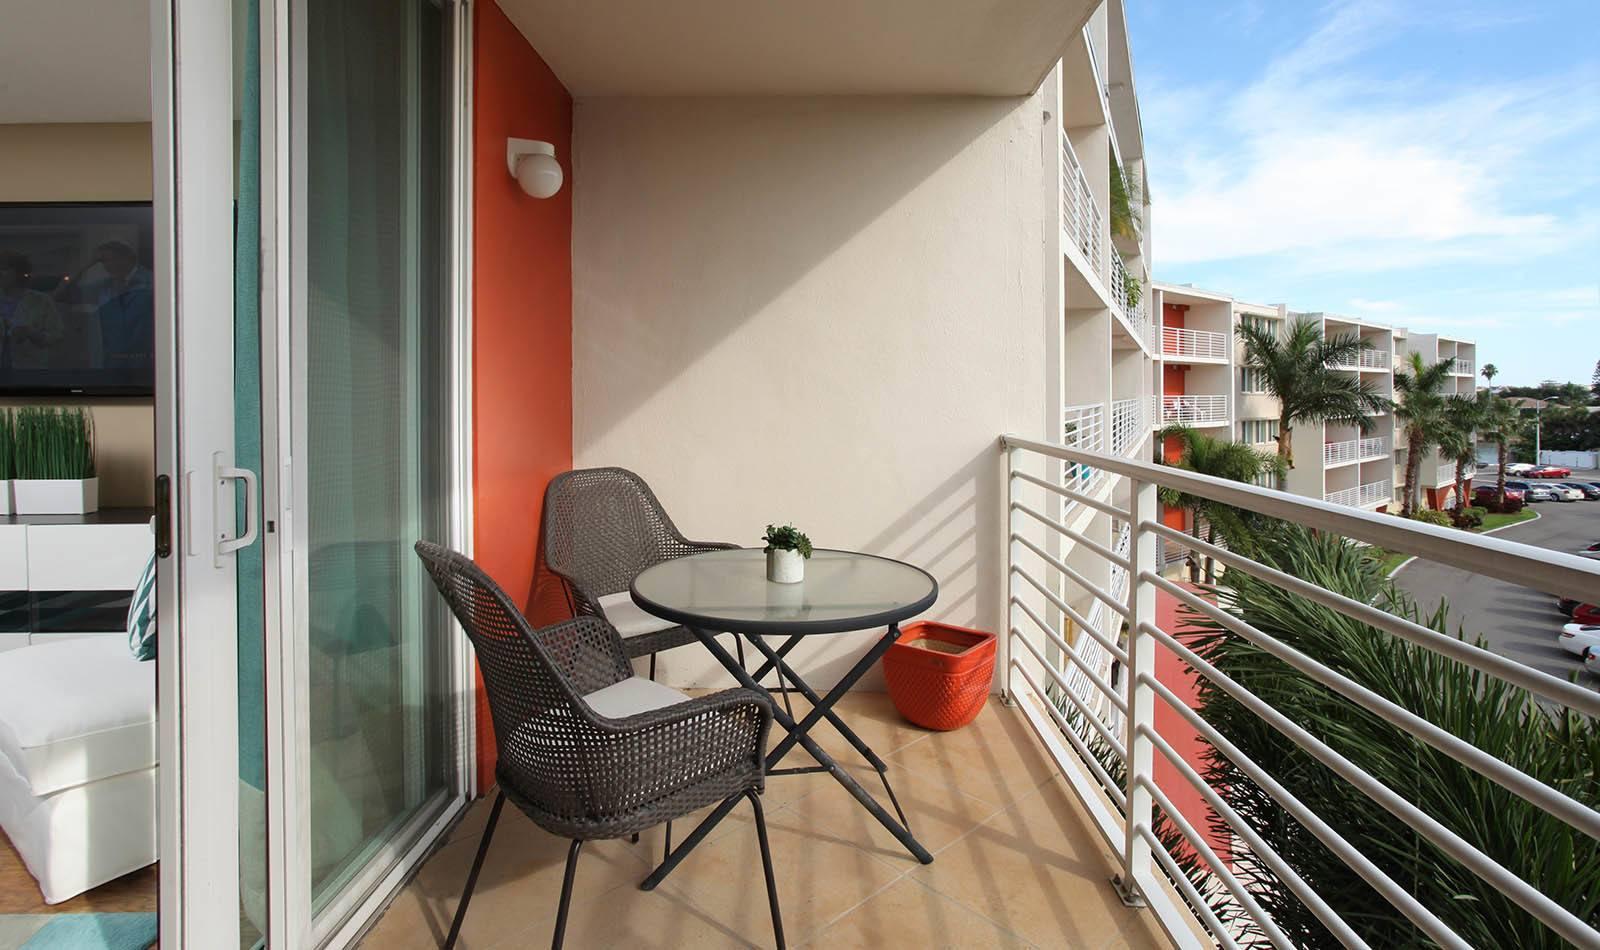 Balcony at apartments in South Pasadena, FL